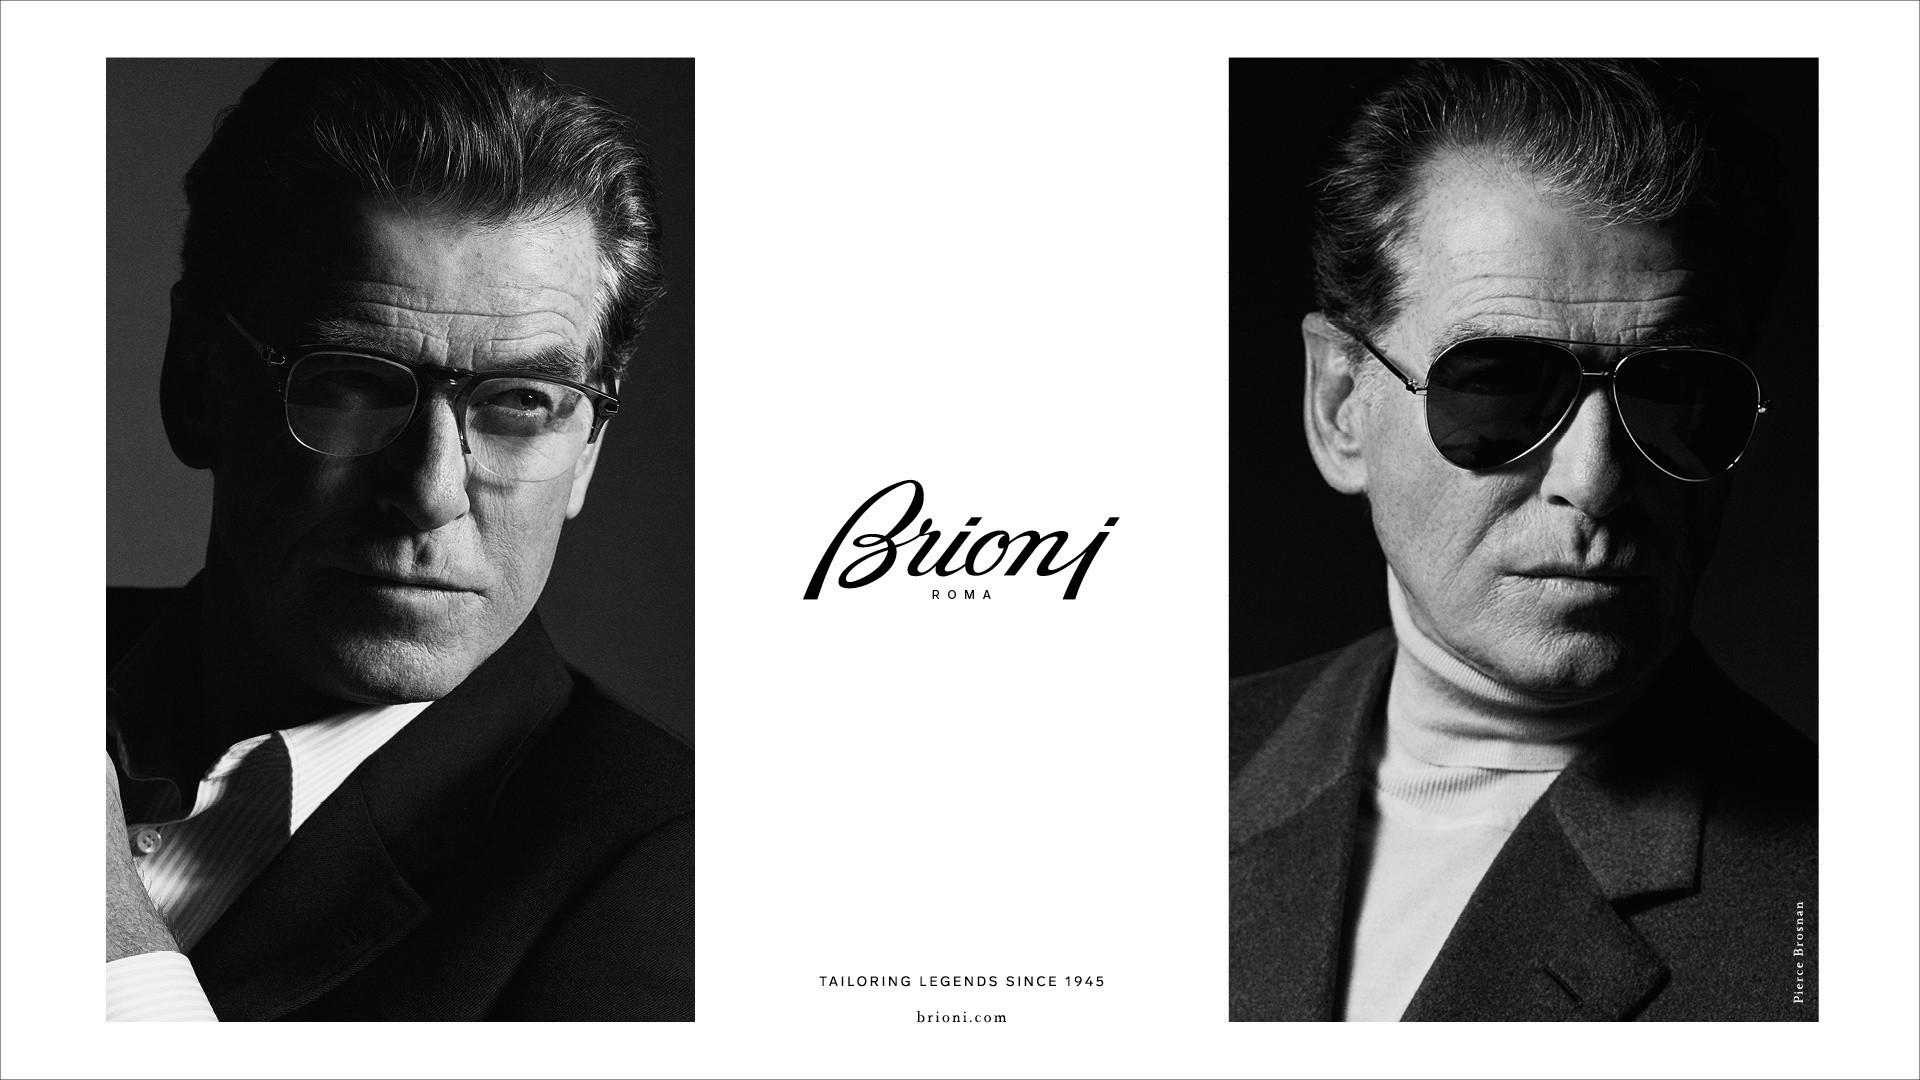 Rechts und links jeweils ein schwarz-weiß Bild von einem Mann mit Brioni Eyewear und in der Mitte das Brioni Logo.